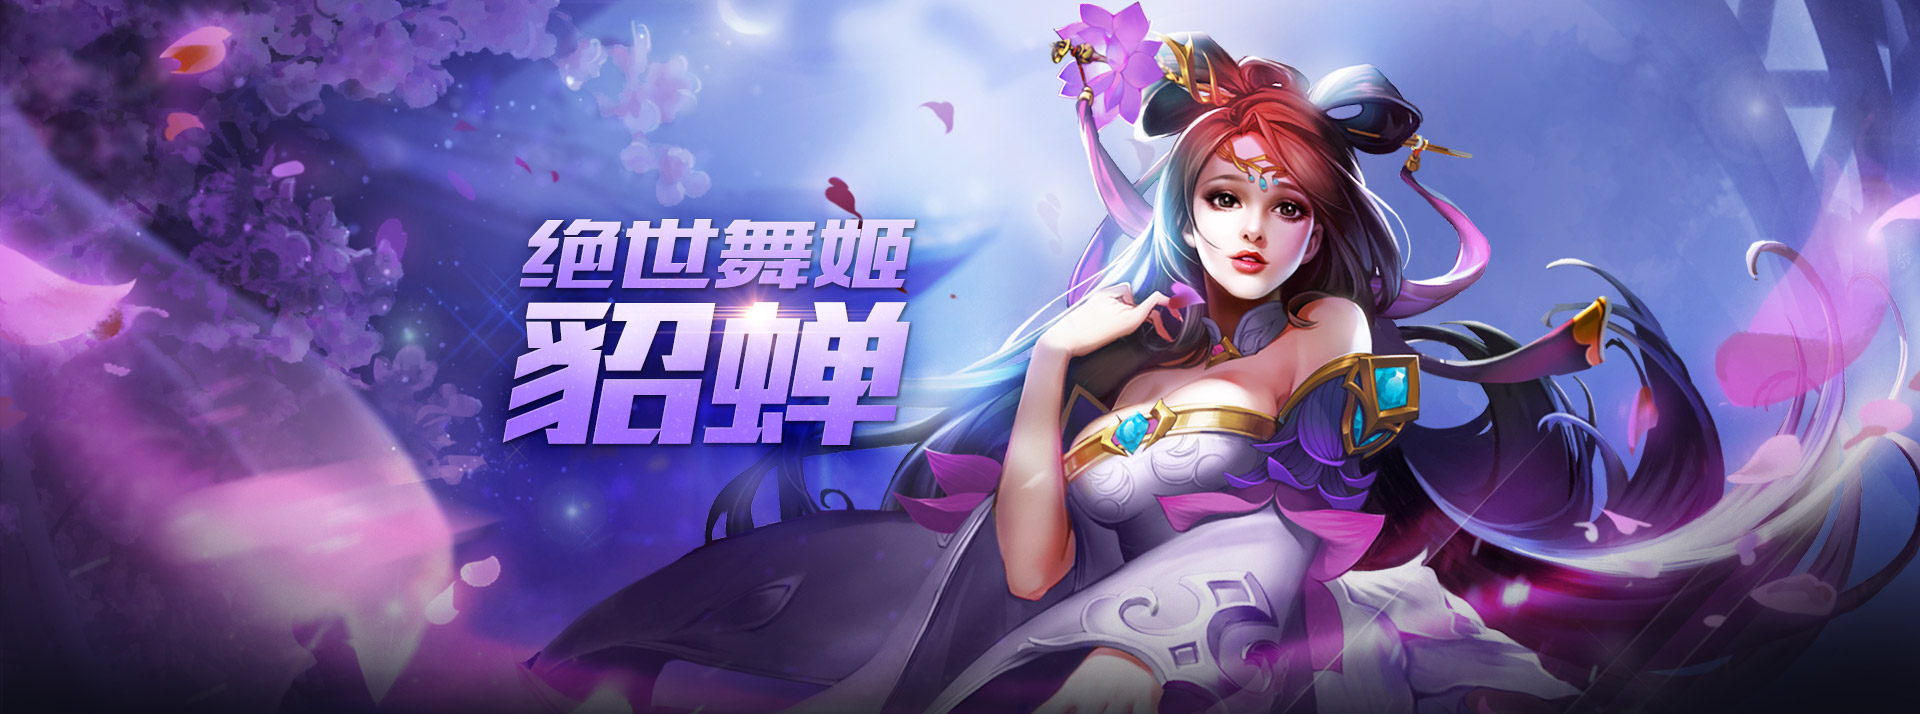 第2弹《王者荣耀英雄皮肤CG》竞技游戏95